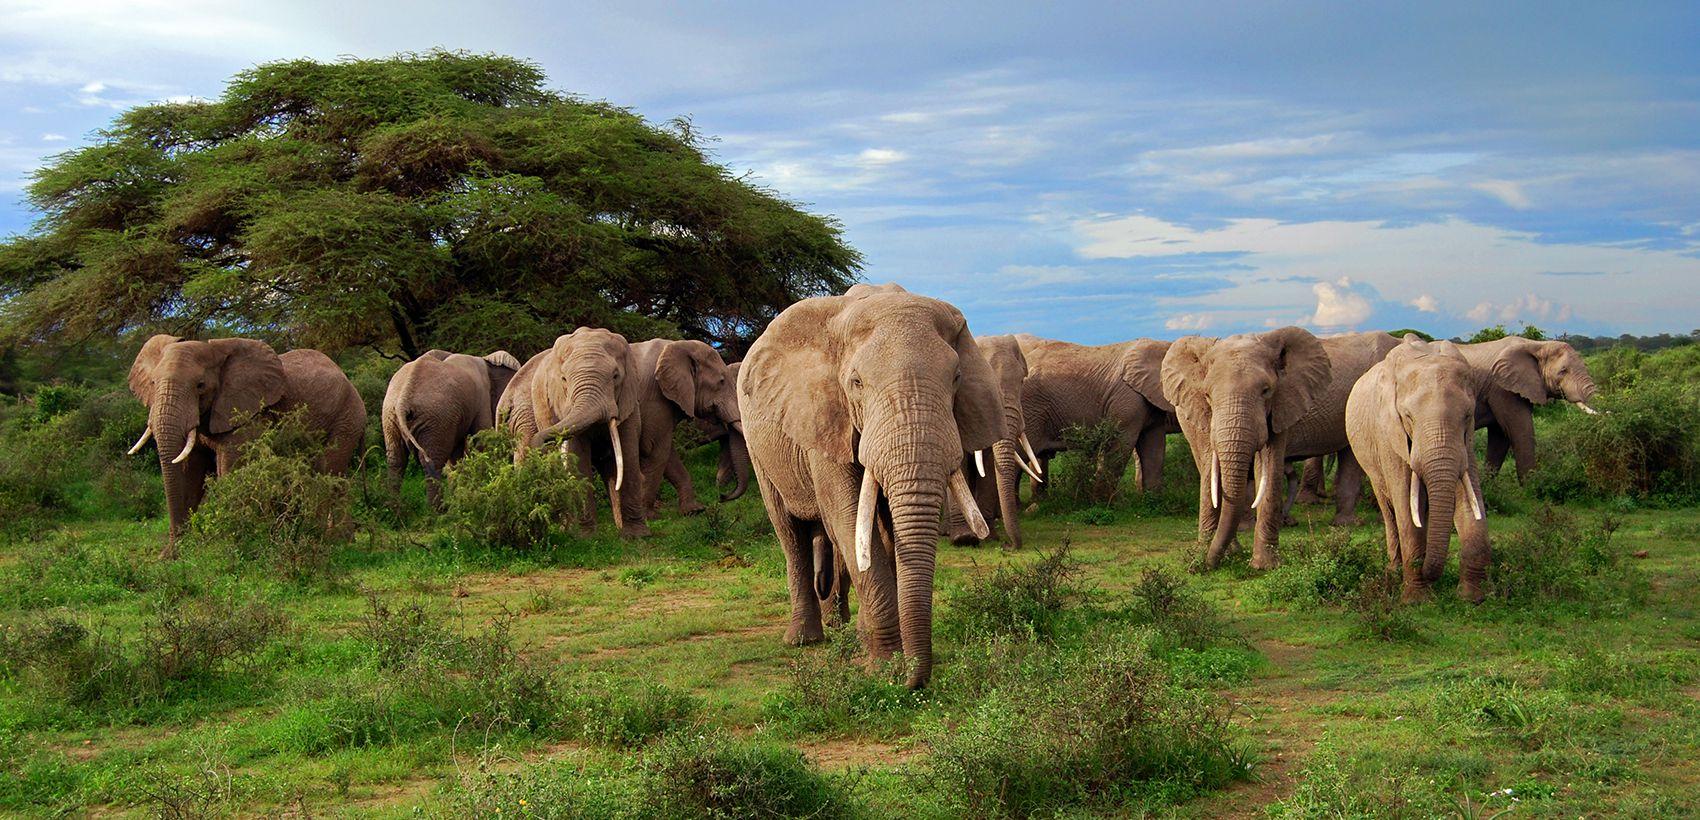 Safari Quénia | 5 Dias | 15.12.16 a 13.12.17: Partidas à 4ª